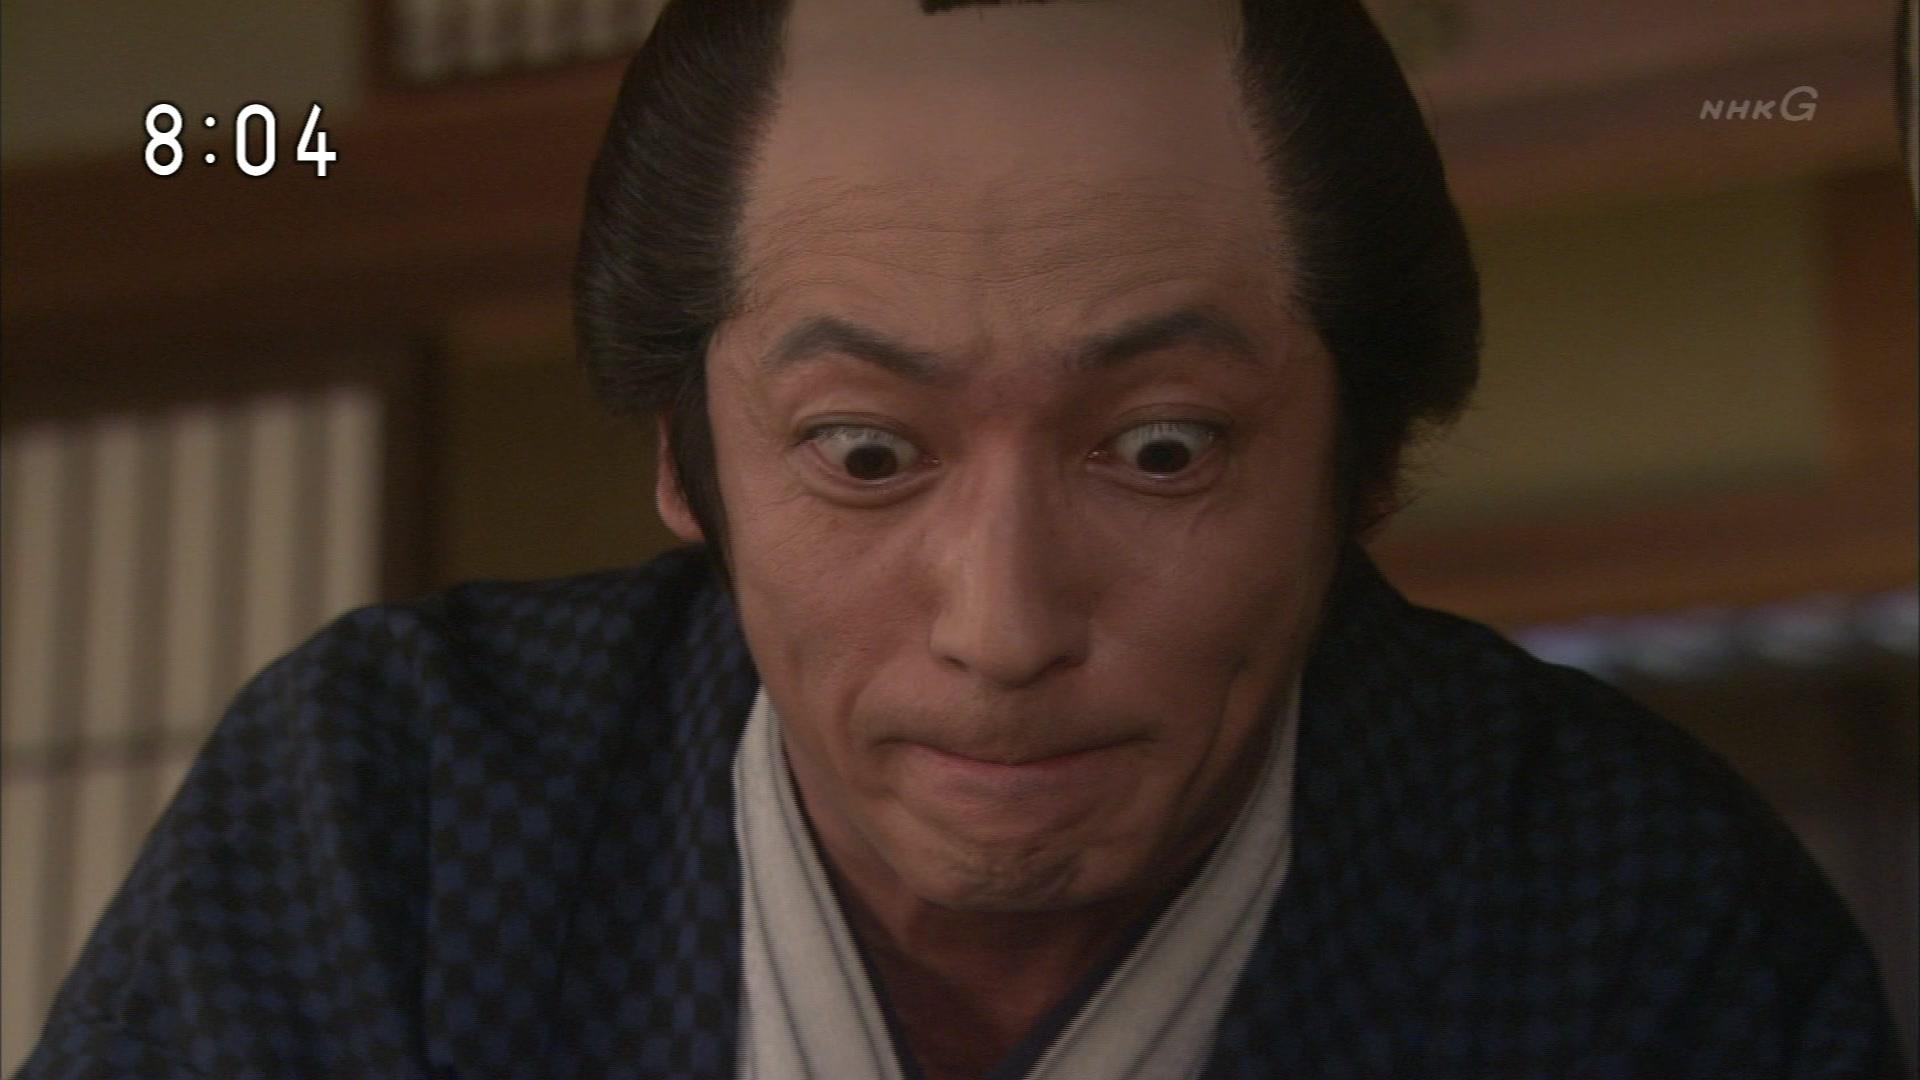 2015-10-08 08:00 連続テレビ小説 あさが来た(10)「ふたつの花びら」 0826